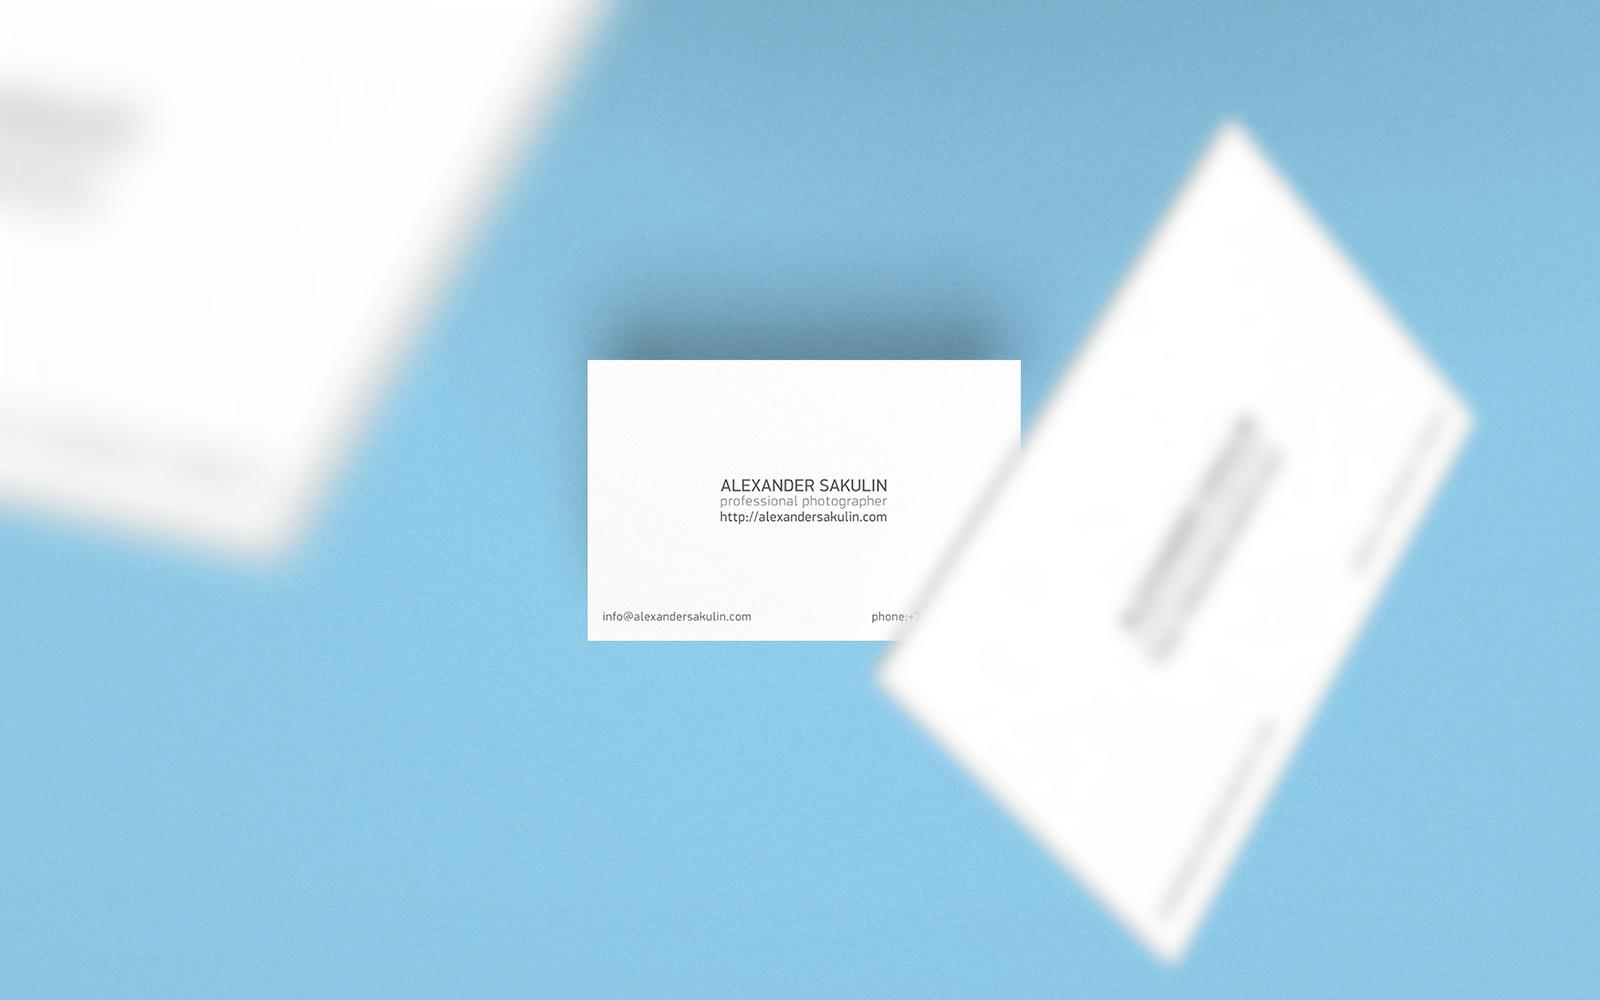 Фотограф Александр Сакулин, дизайн визитной карточки